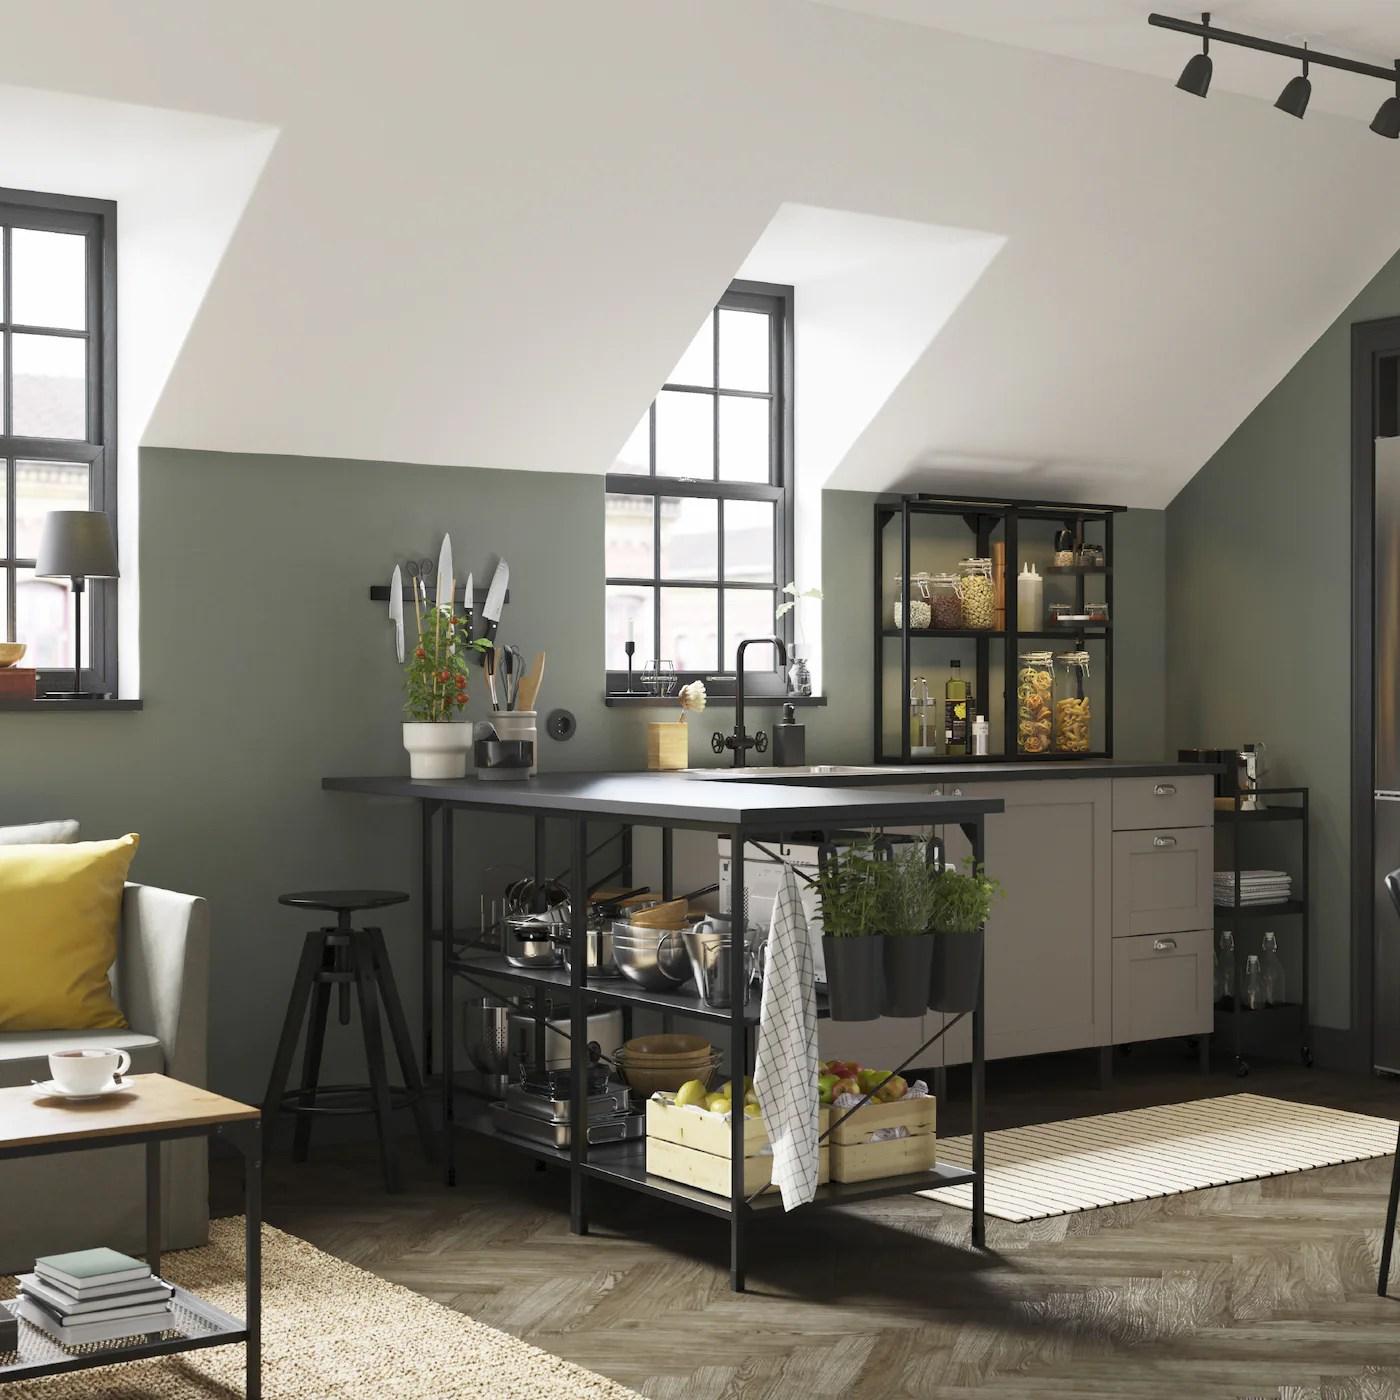 Ikea Deko Ideen Küche  Pax Kleiderschrank Für Schlafzimmer - Ikea